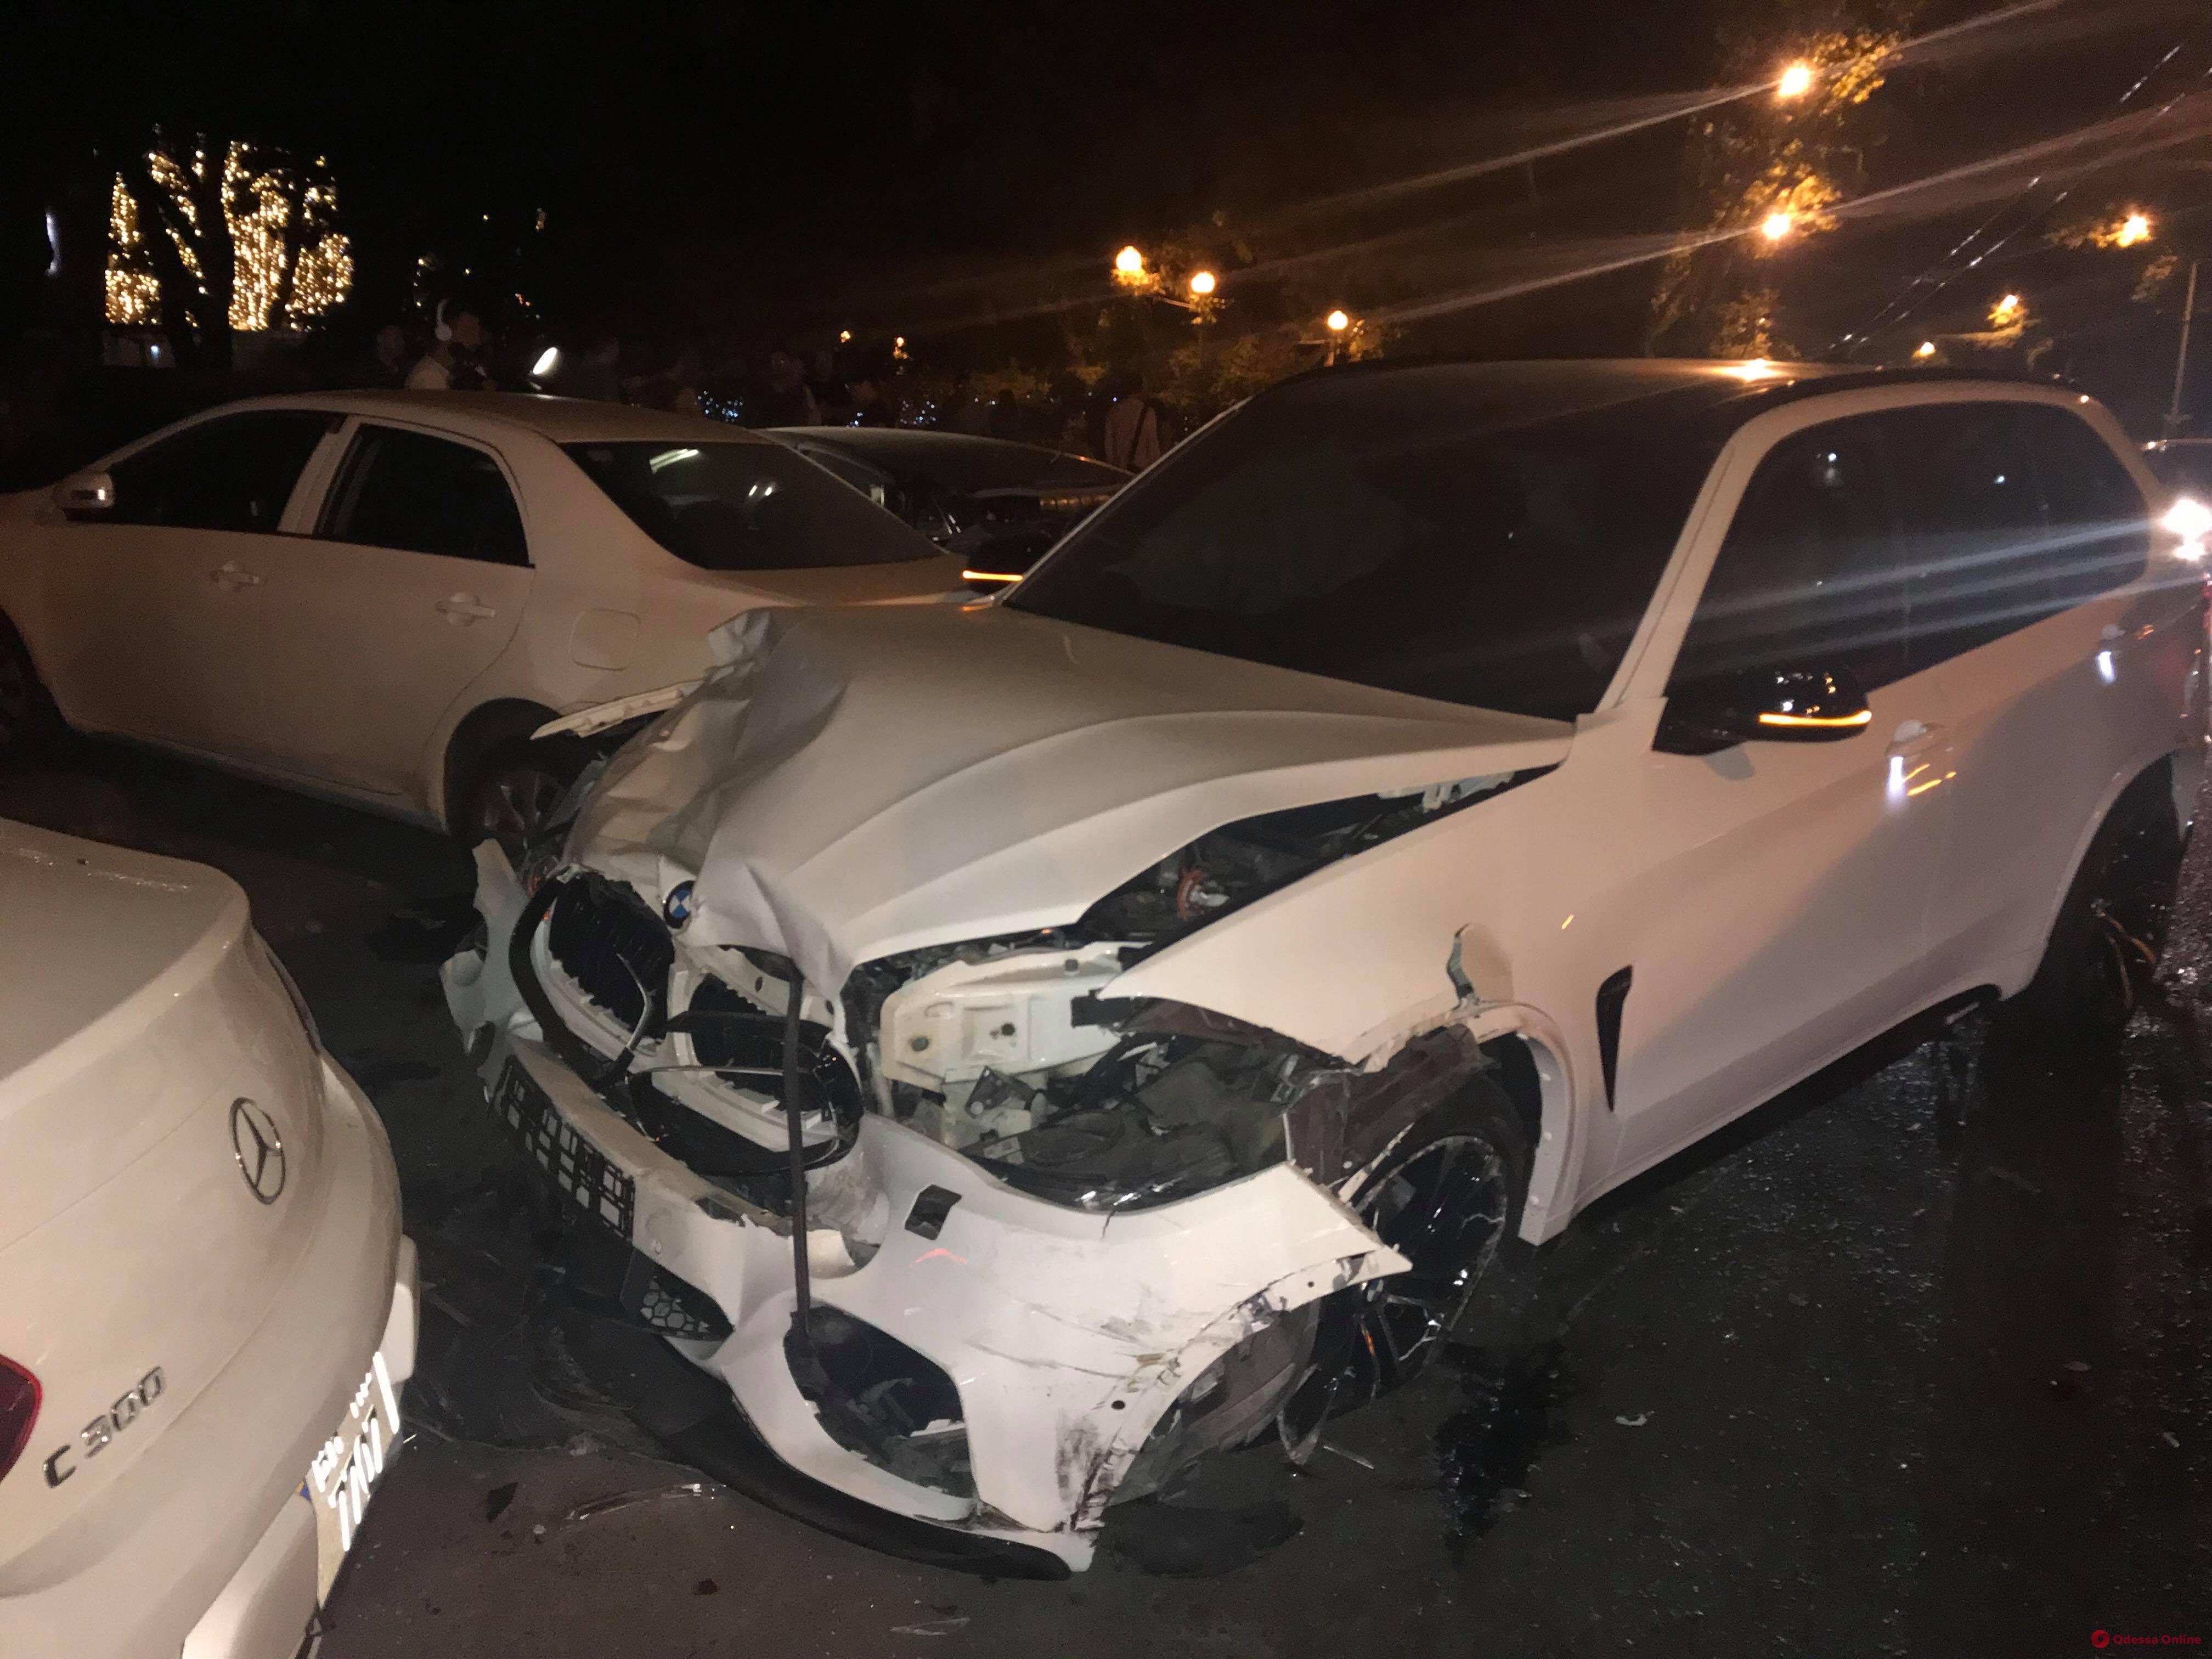 Элитная иномарка разнесла машины на парковке  ресторана (фото, обновлено)